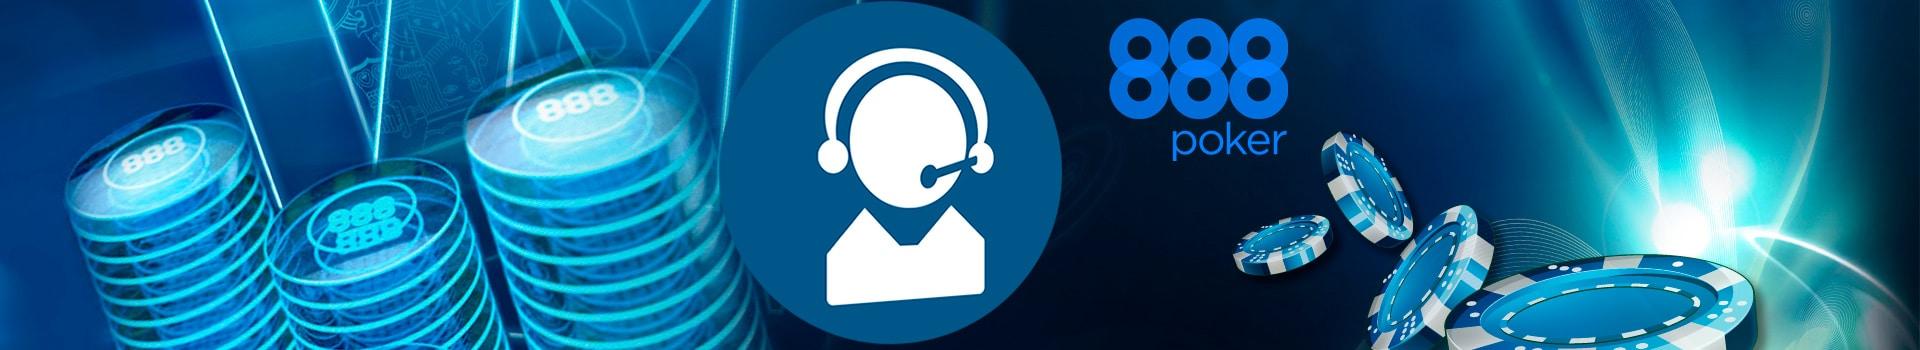 Служба поддержки рума 888poker - куда обращаться если возникли проблемы